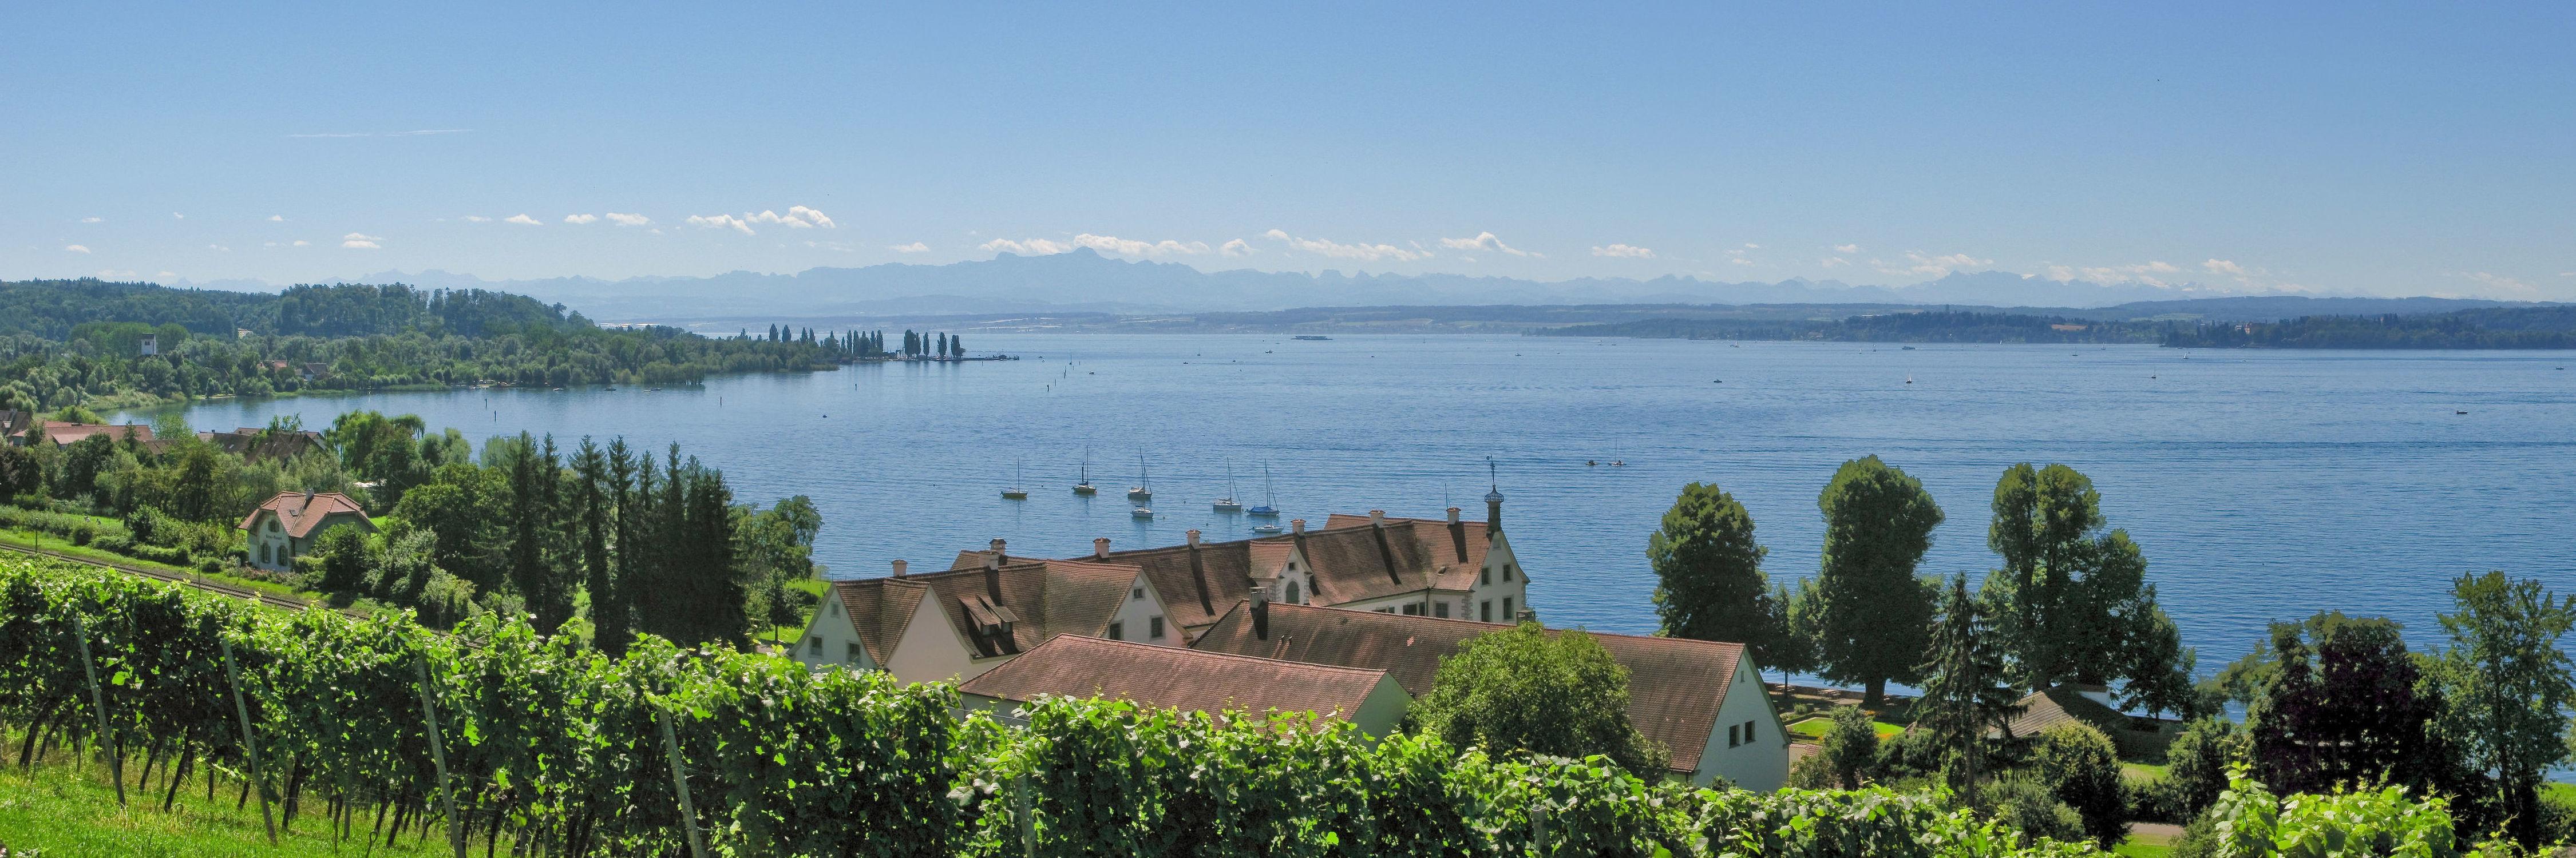 Bild mit Bodensee